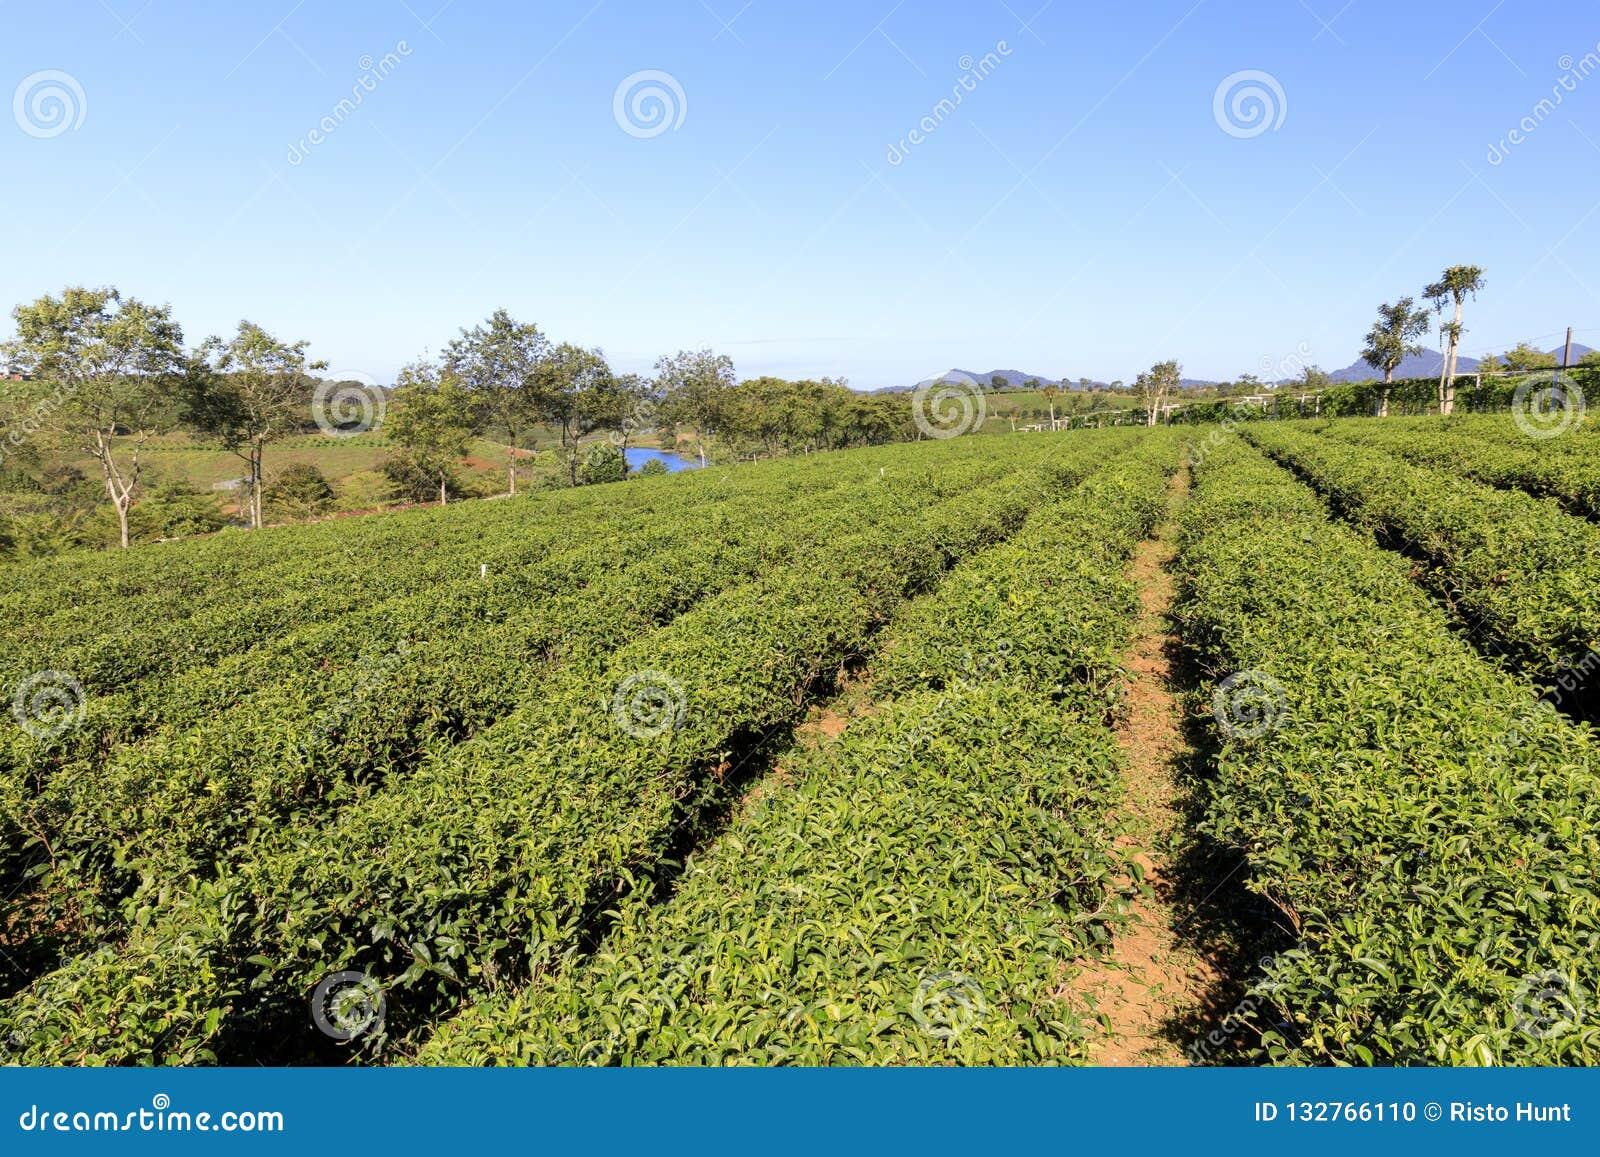 Piantagione di Tam Chau Tea con i cespugli del tè verde in Bao Lam, Vietn